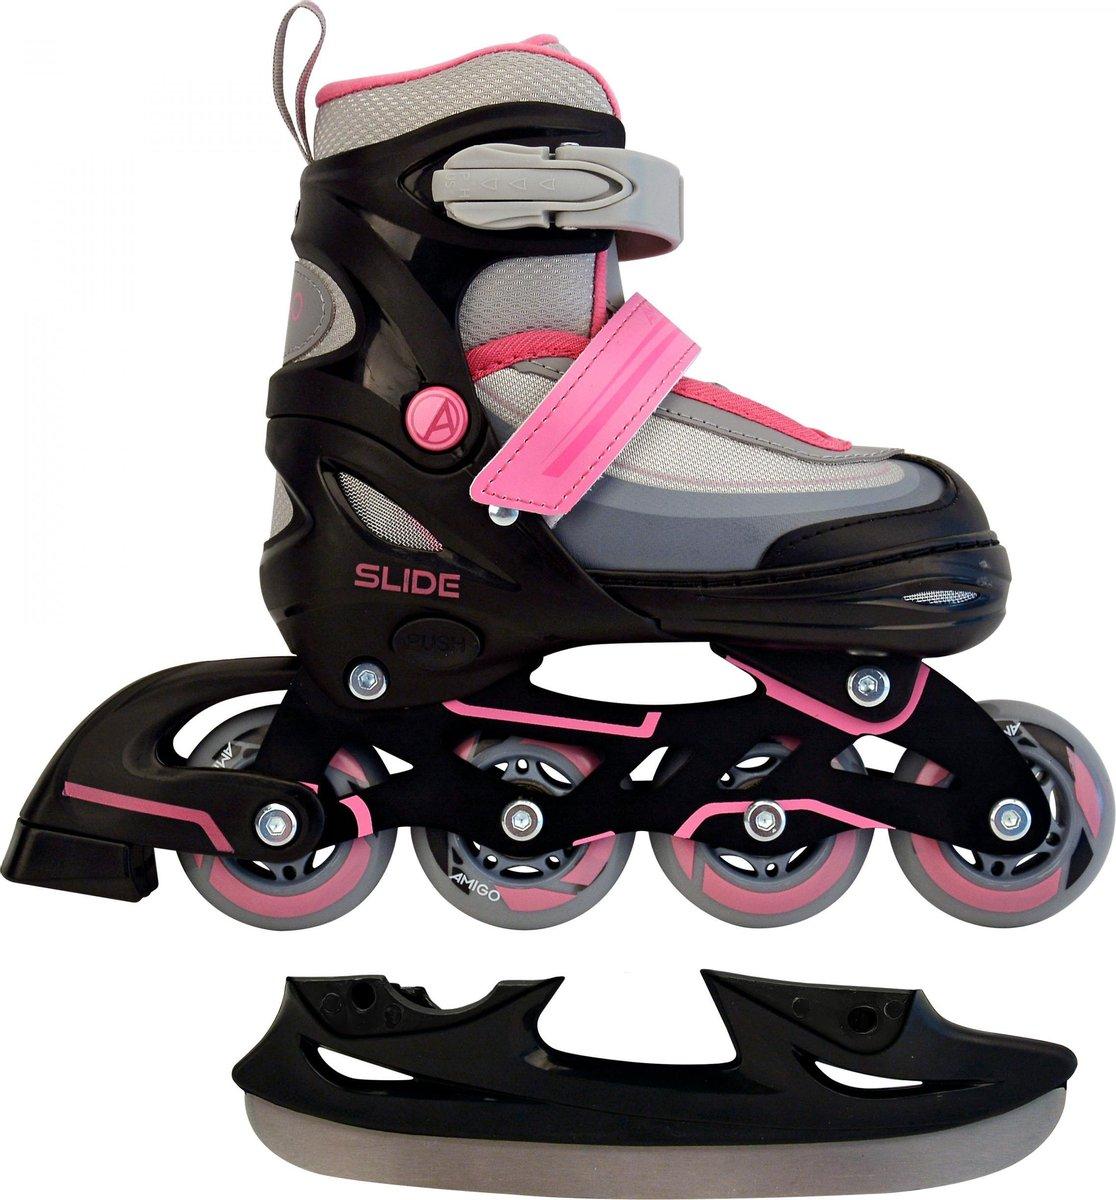 AMIGO Slide 2-in-1 skates - Voor meisjes - Zwart/Roze - Maat 34-37